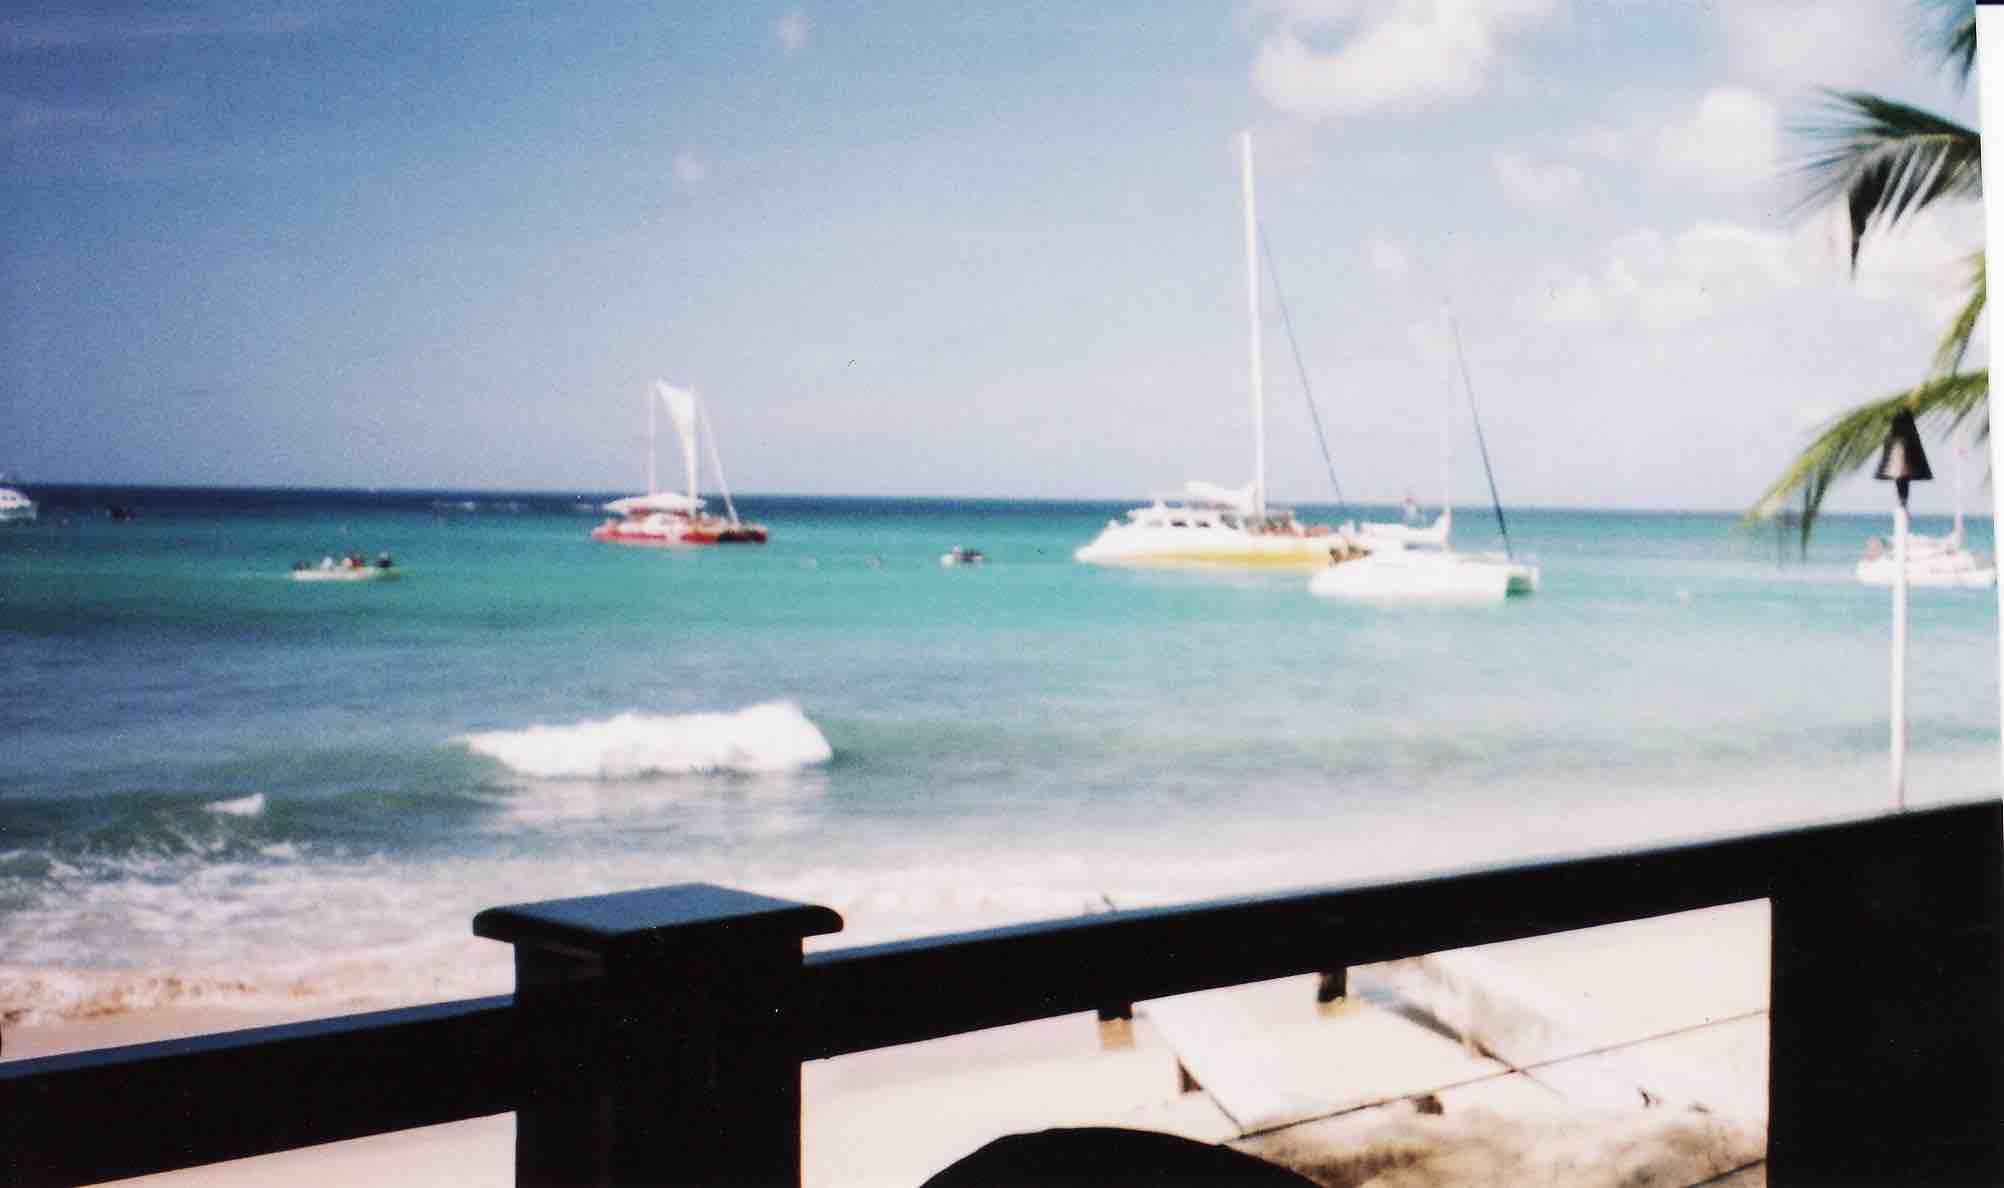 21 - 2000 - Barbados